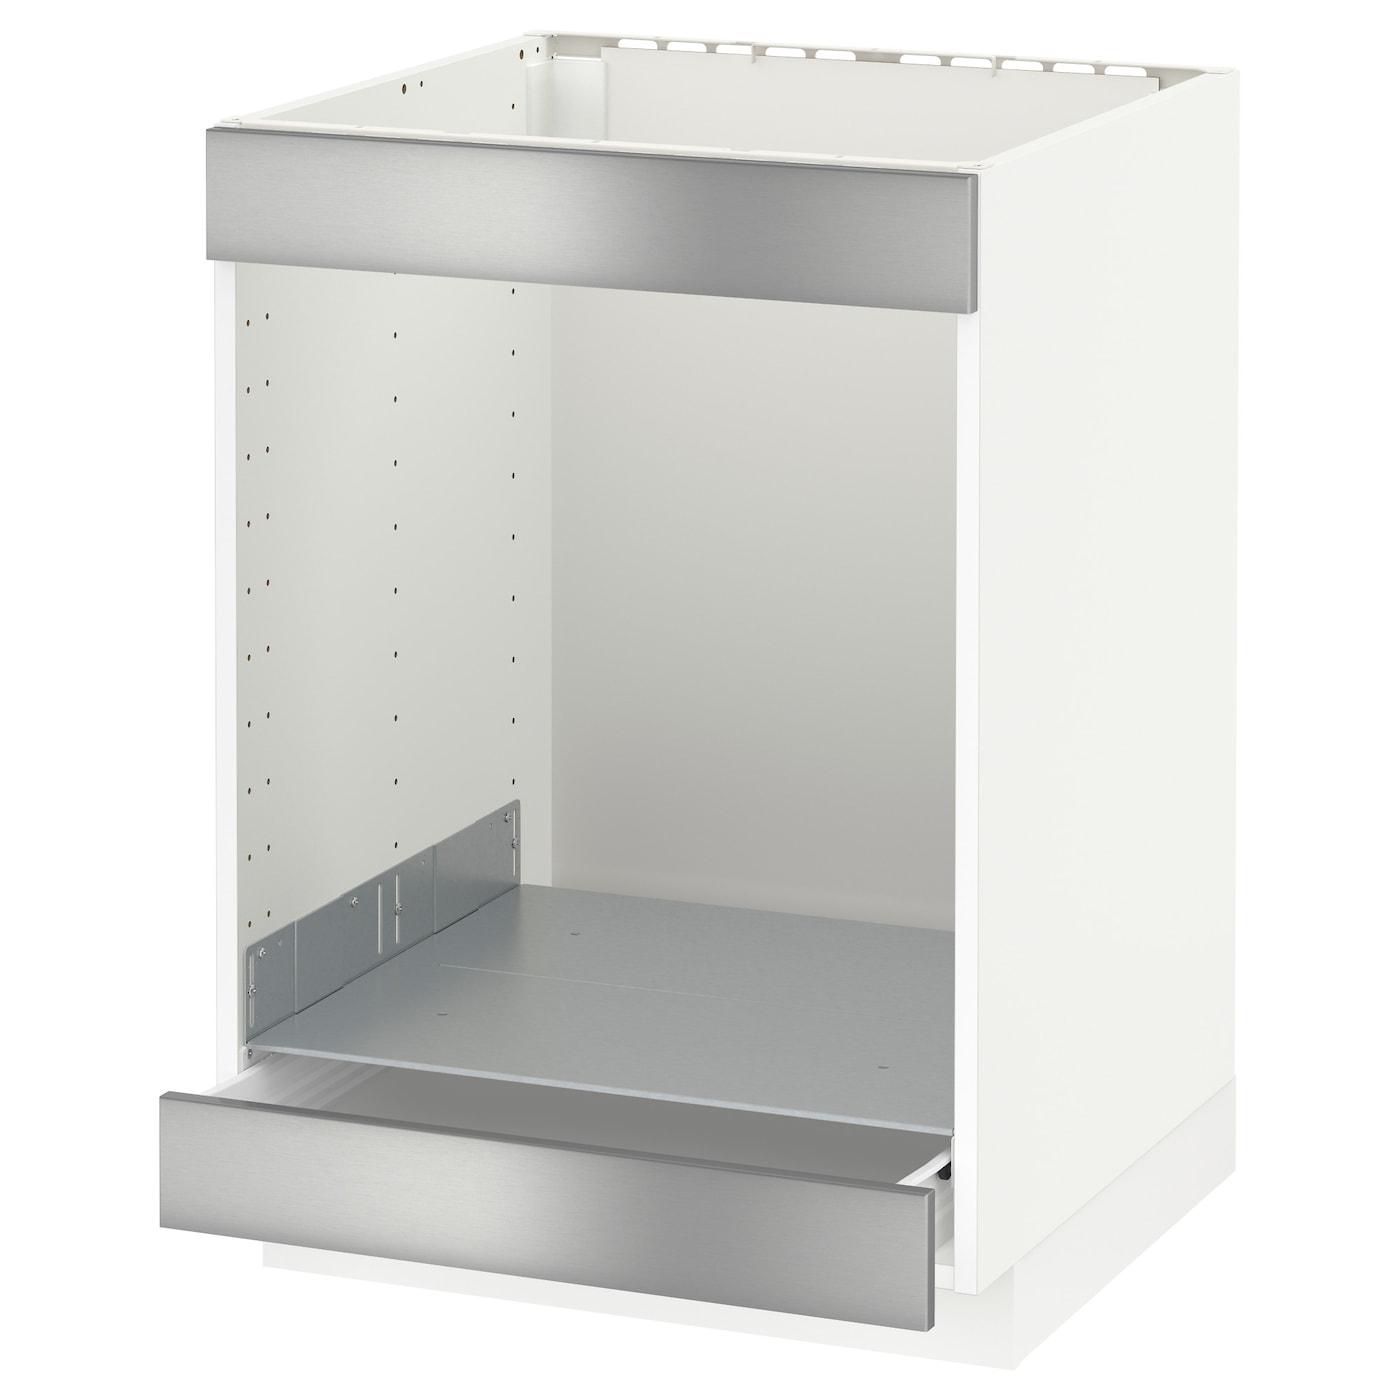 METOD Eckunterschrank+Karussell - weiß, Veddinge weiß - IKEA